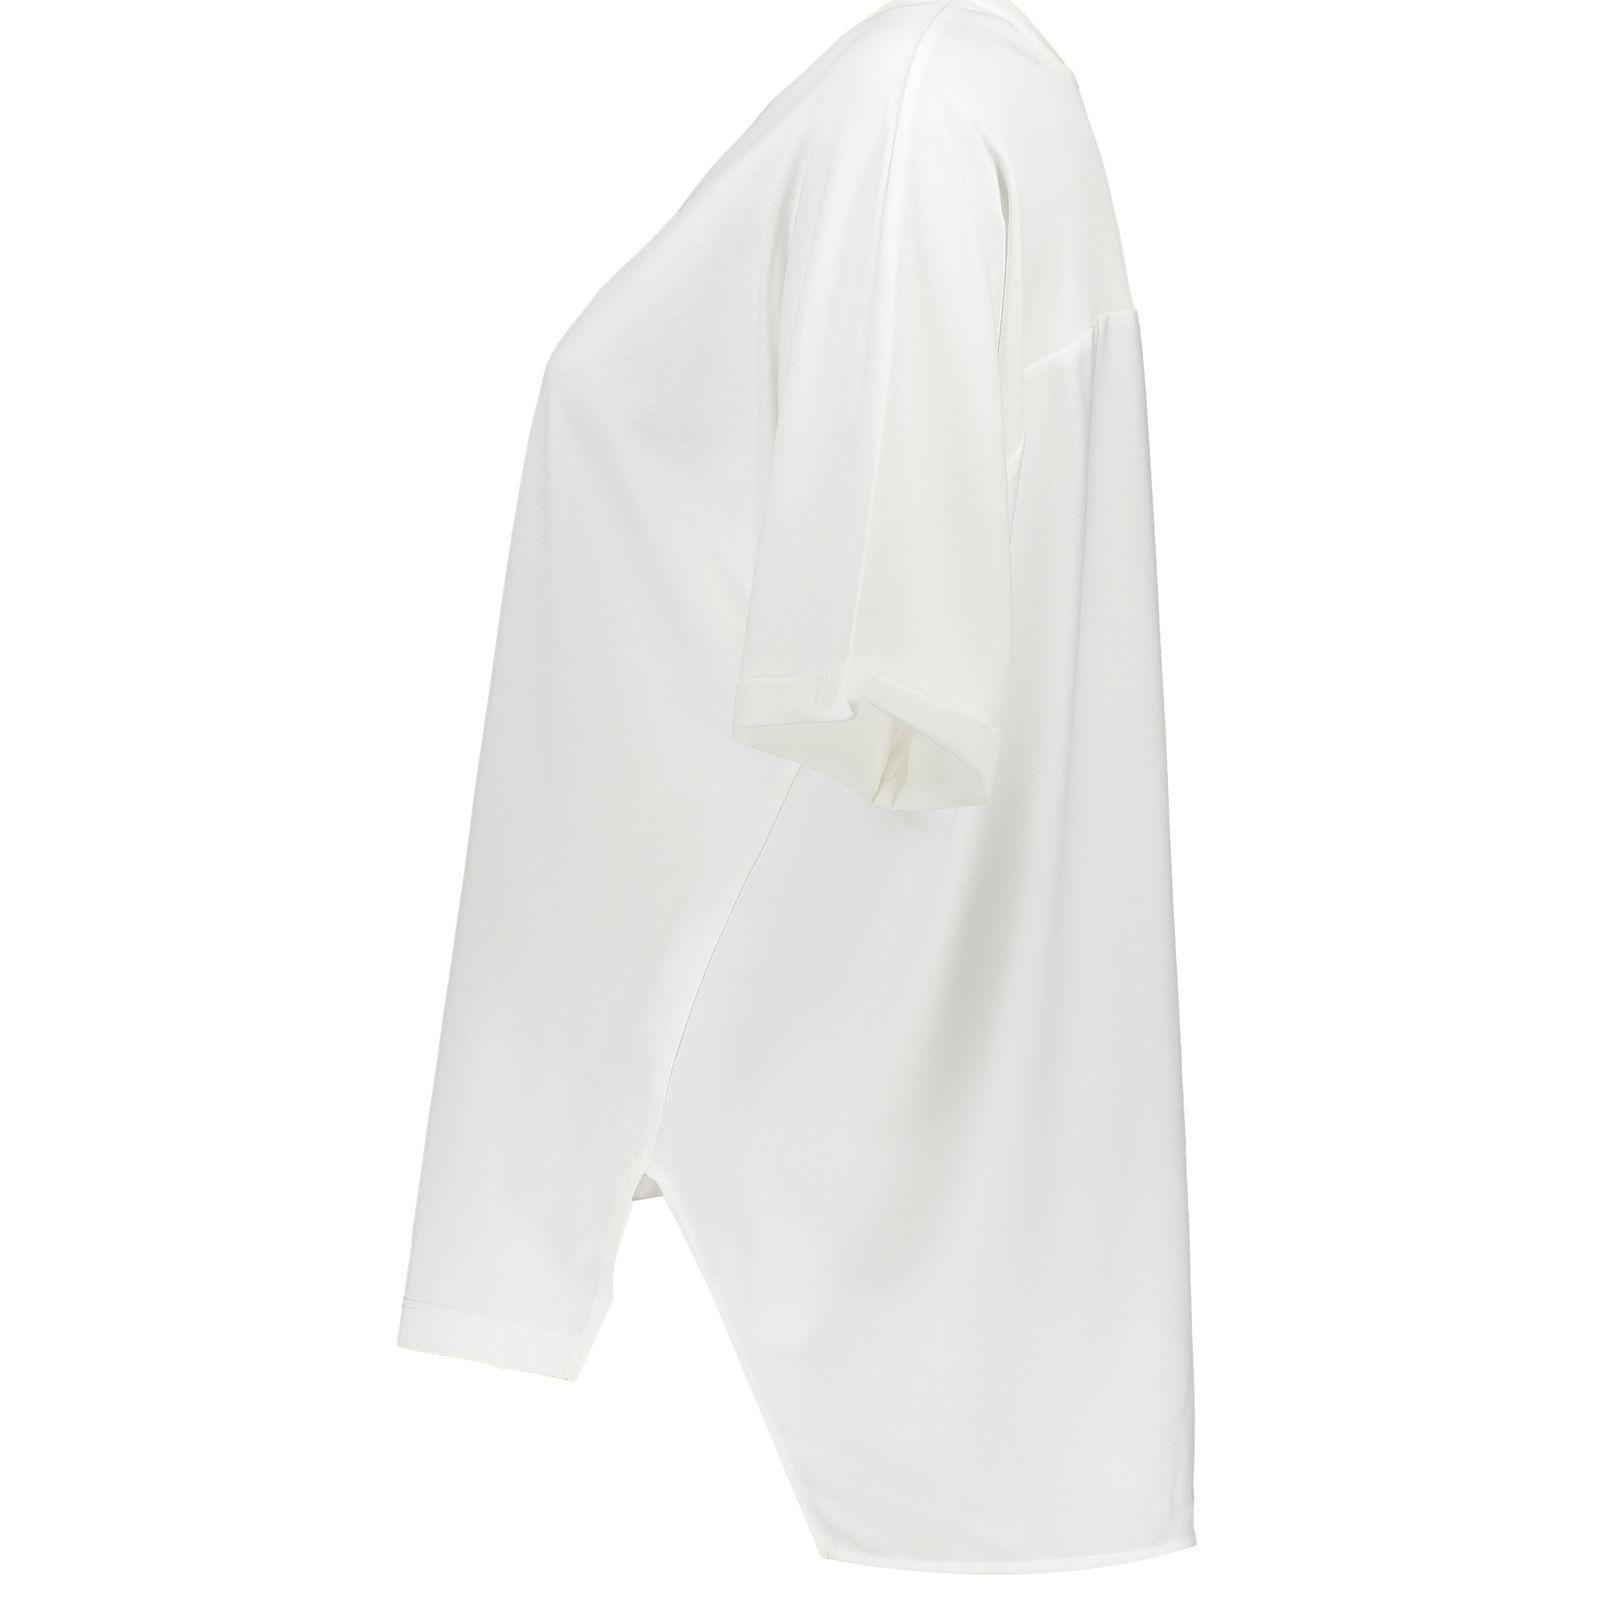 تی شرت ویسکوز یقه گرد زنانه - ویولتا بای مانگو - سفید - 2